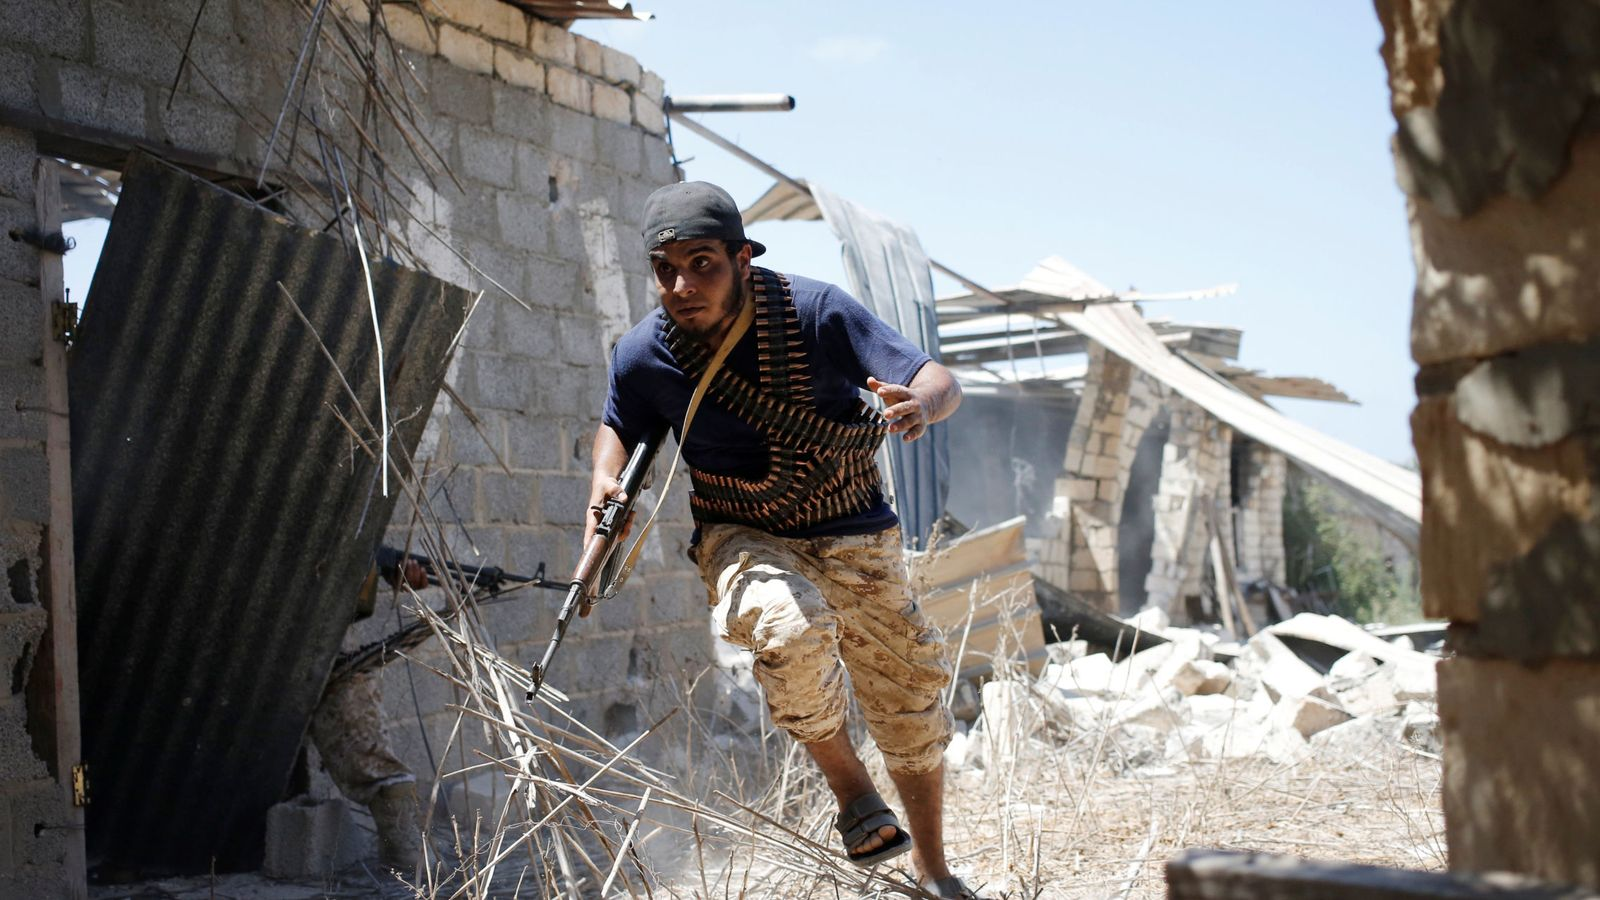 Foto: Un miliciano libio de las fuerzas apoyadas por la ONU durante choques con fuerzas del ISIS en Sirte (Reuters).